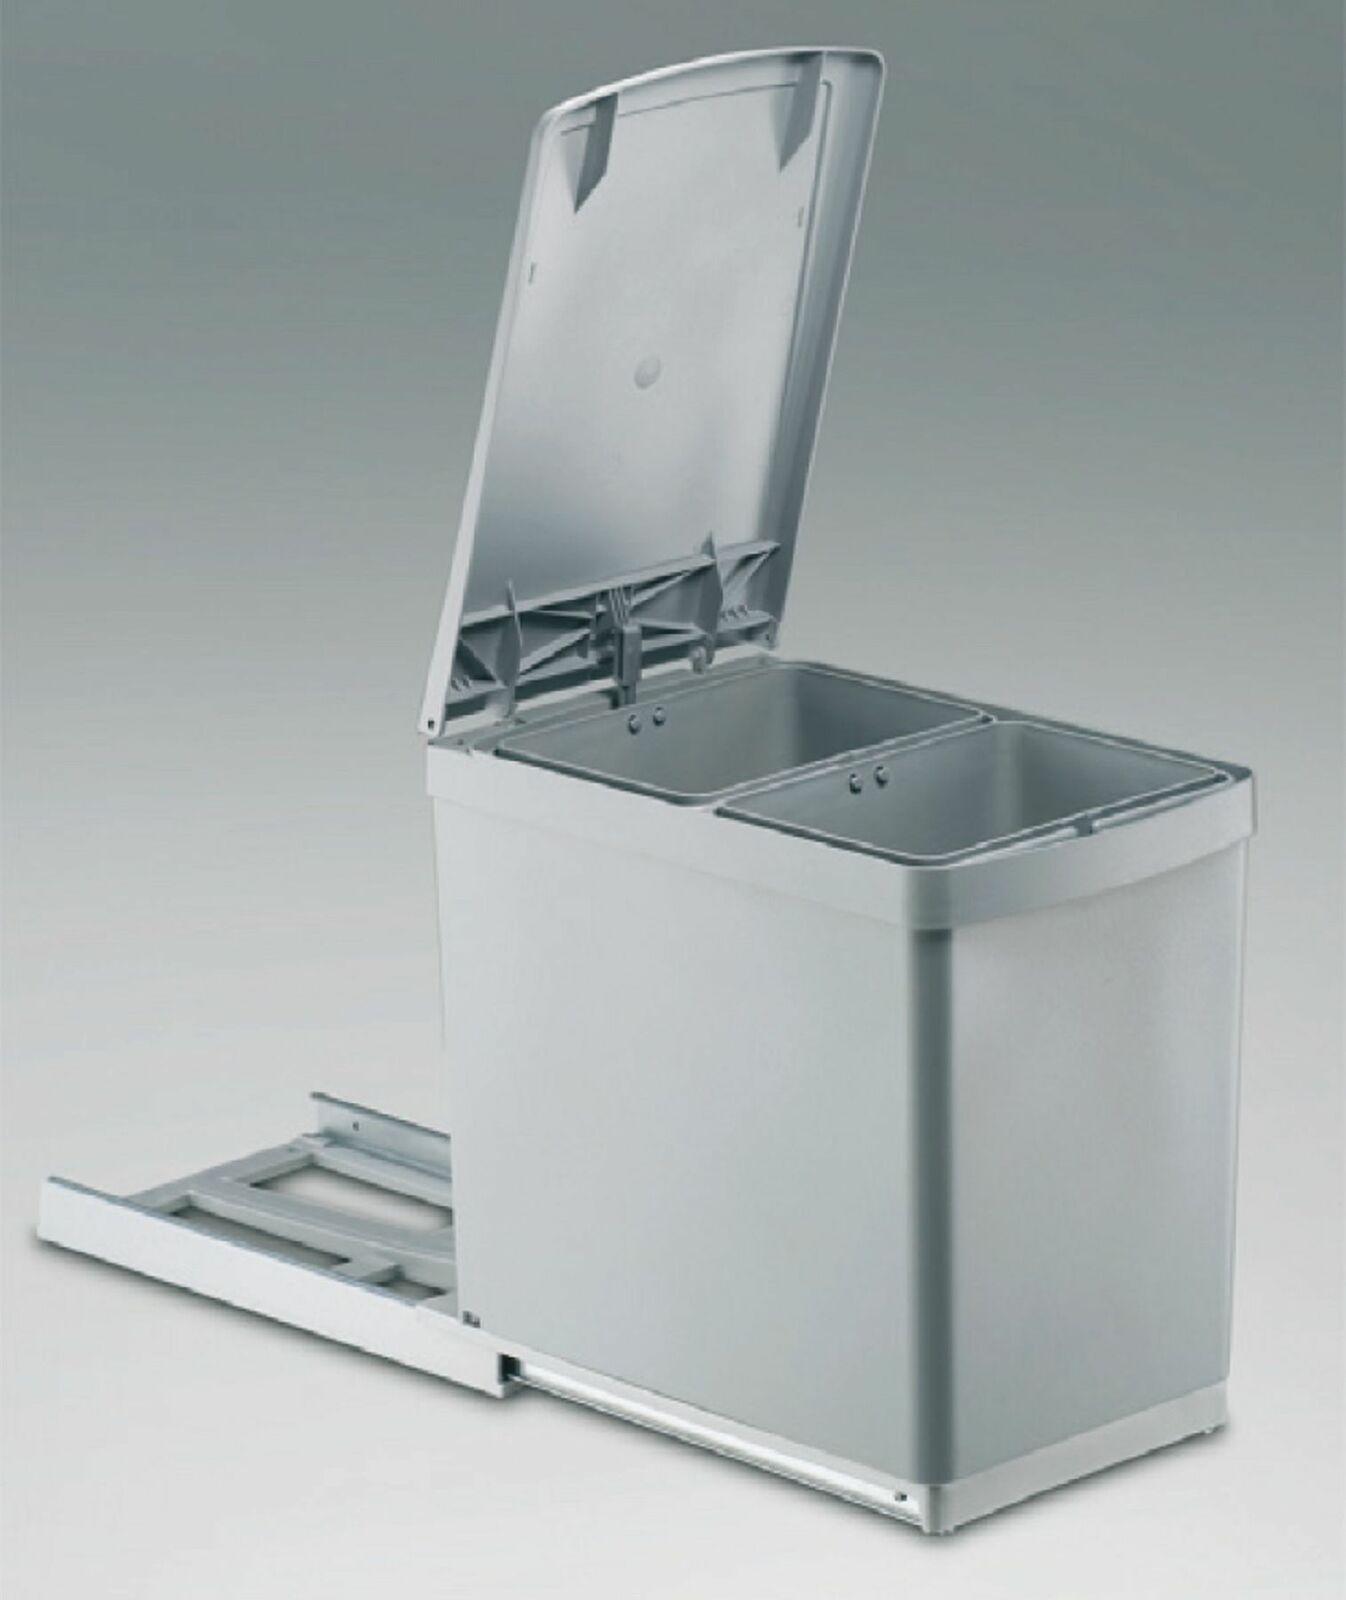 Häufig Mülleimer Küche 2x7, 5 L Einbau Küchenschrank ab 30 cm Wesco FS03